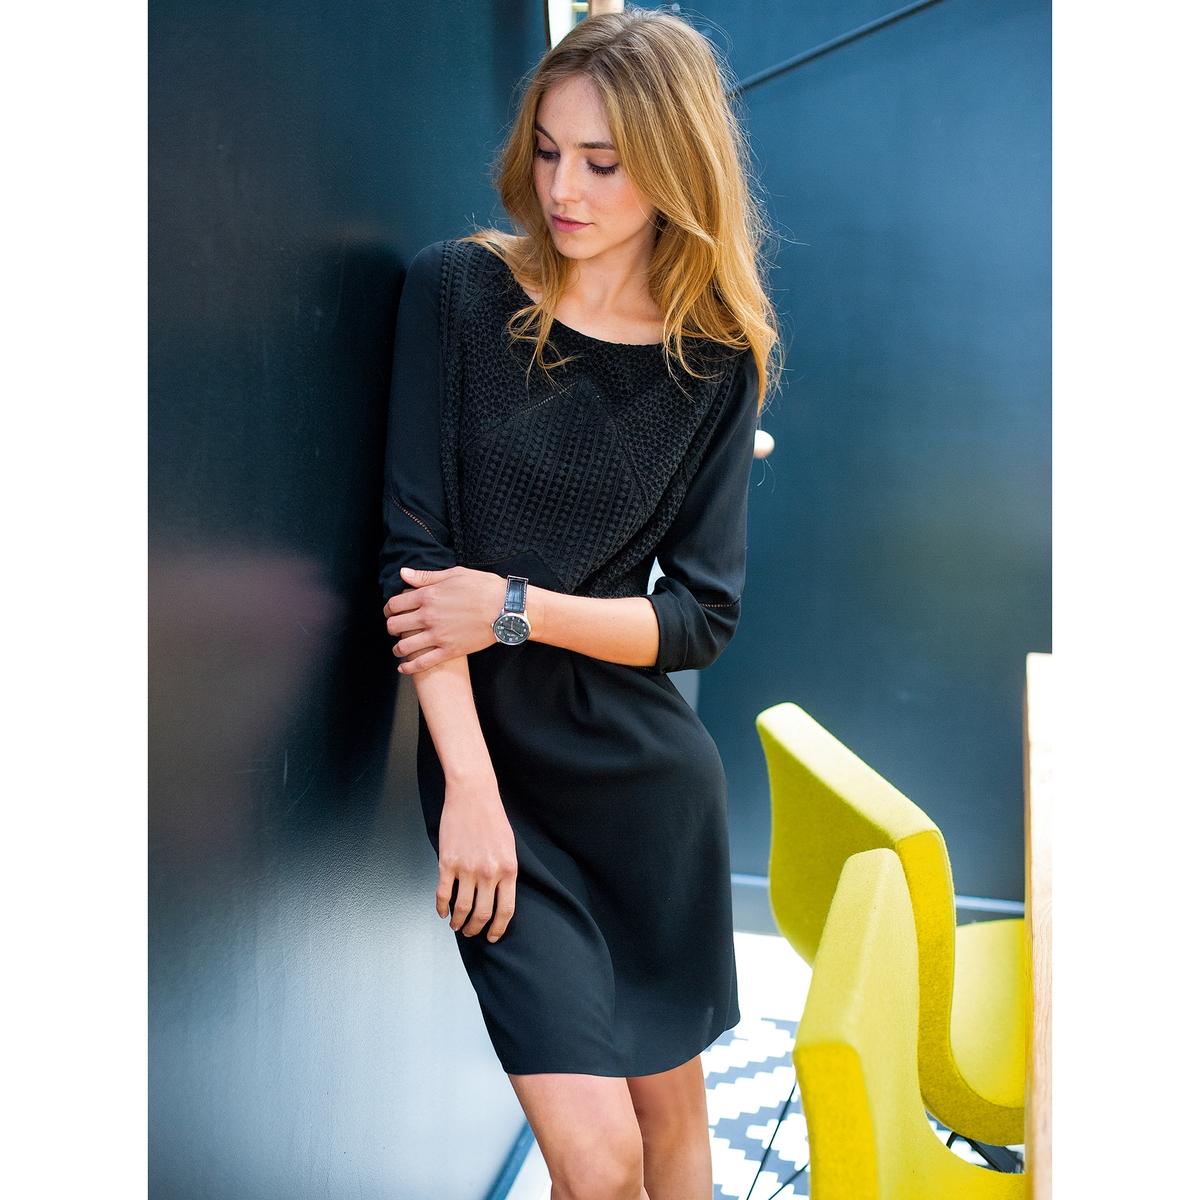 Платье с деталями из гипюраПлатье из 100% вискозы. Детали из гипюра спереди. Рукава 3/4 украшены мережкой. Длина: 90 см.<br><br>Цвет: черный<br>Размер: 46 (FR) - 52 (RUS)